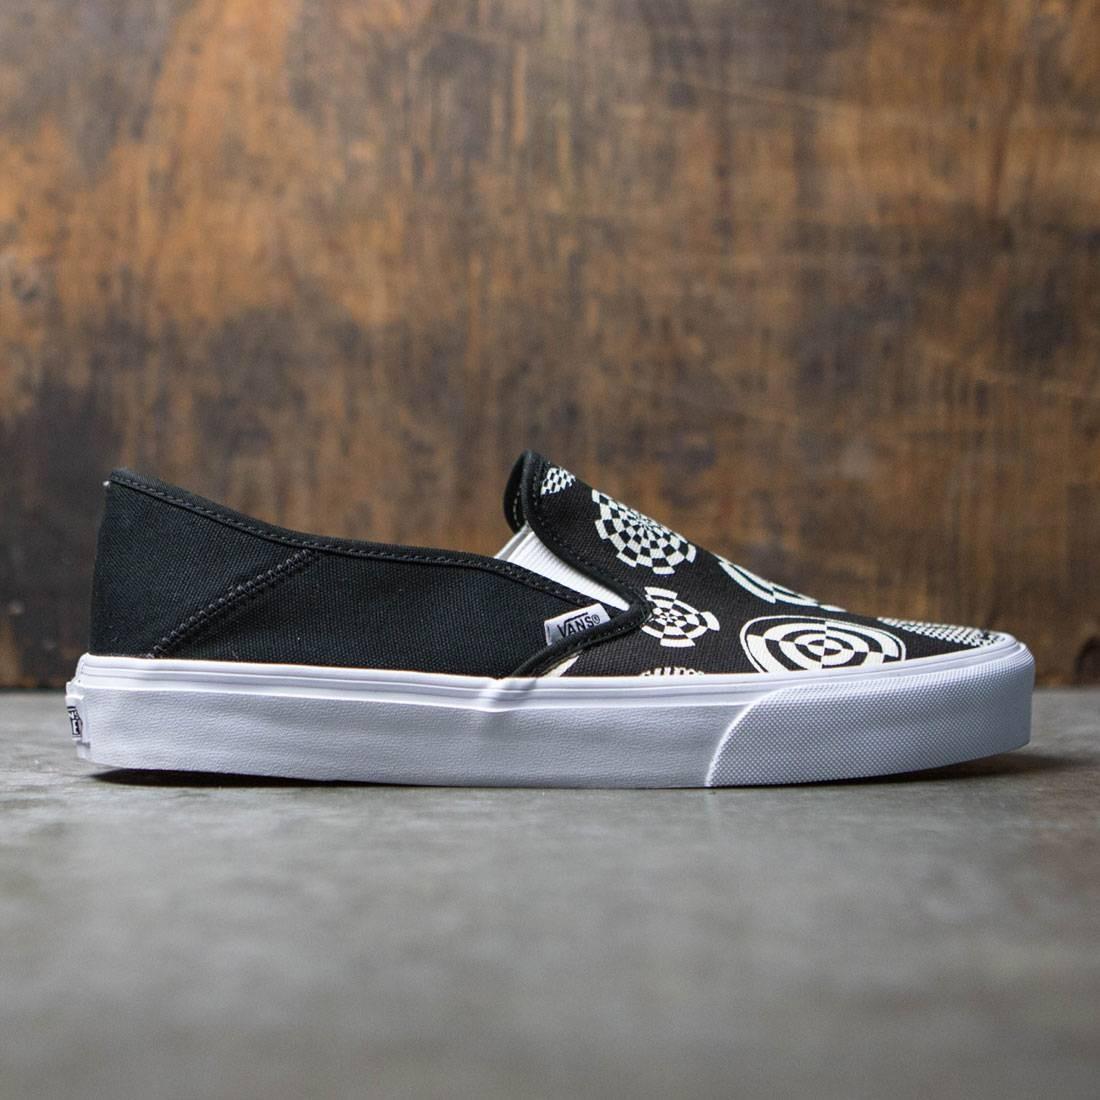 Vans Men Slip-On SF - Wade Goodall black white